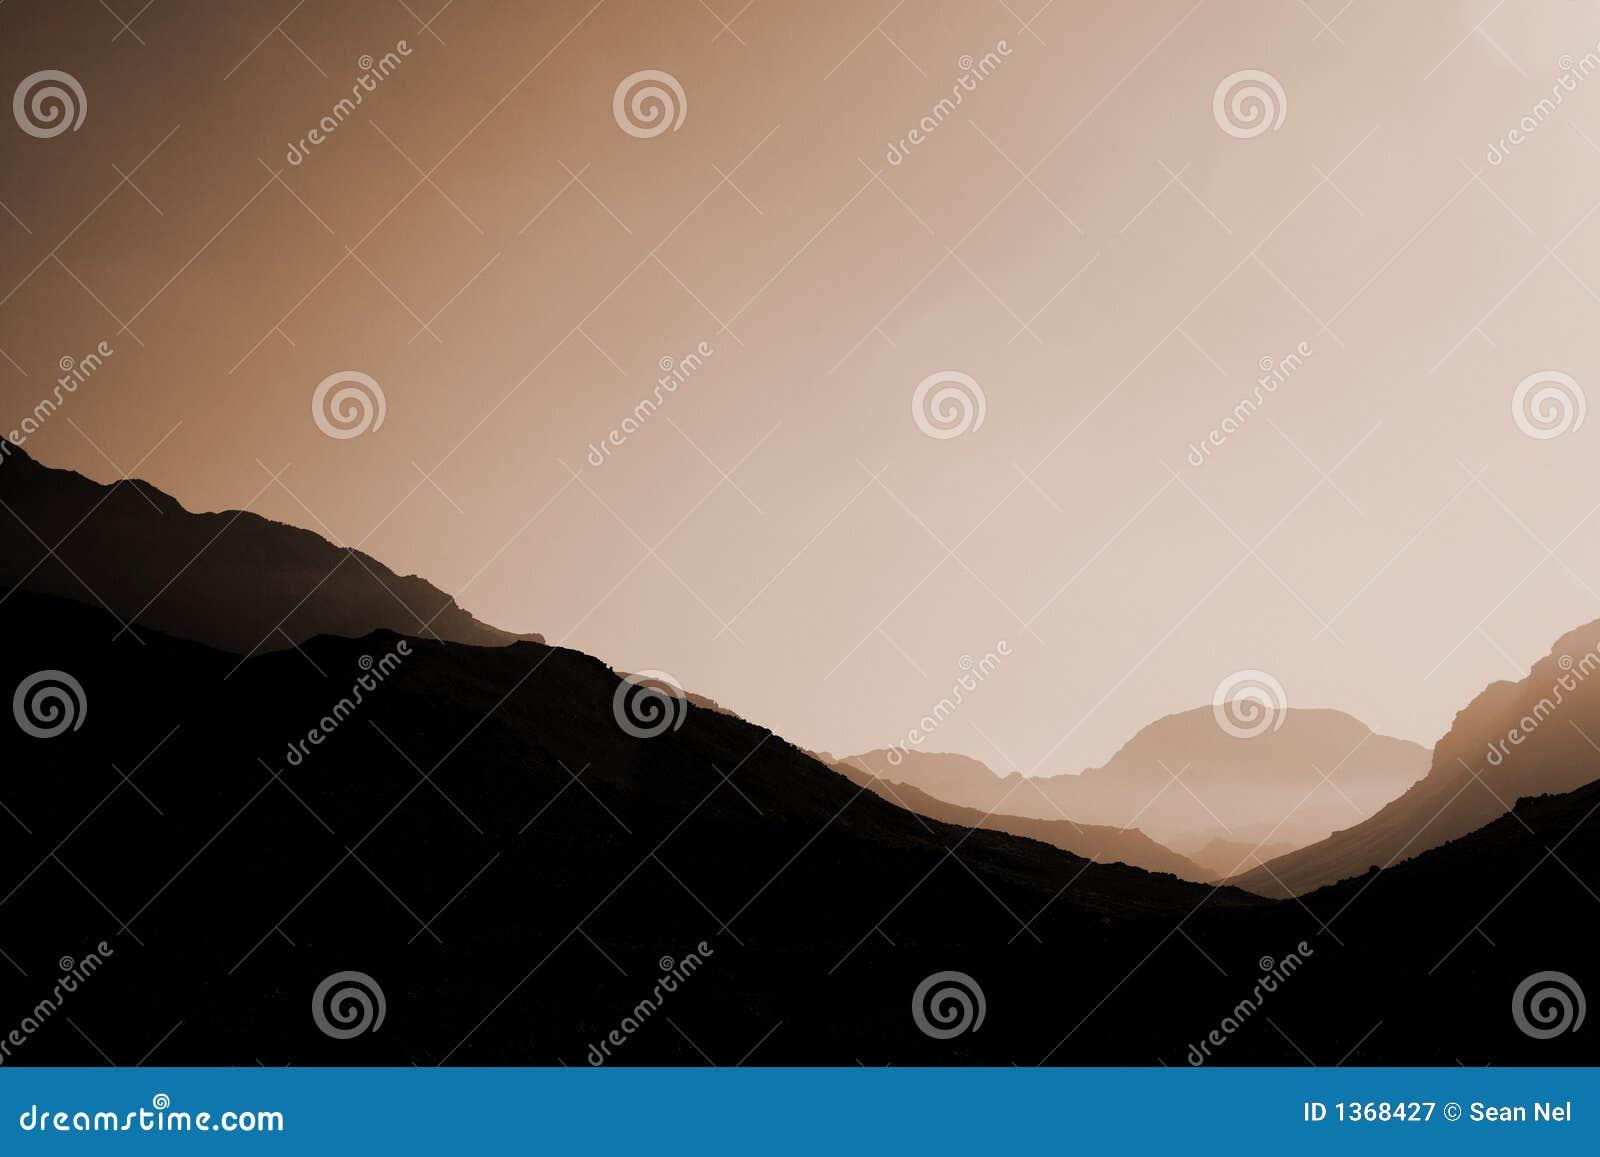 Landscape #04